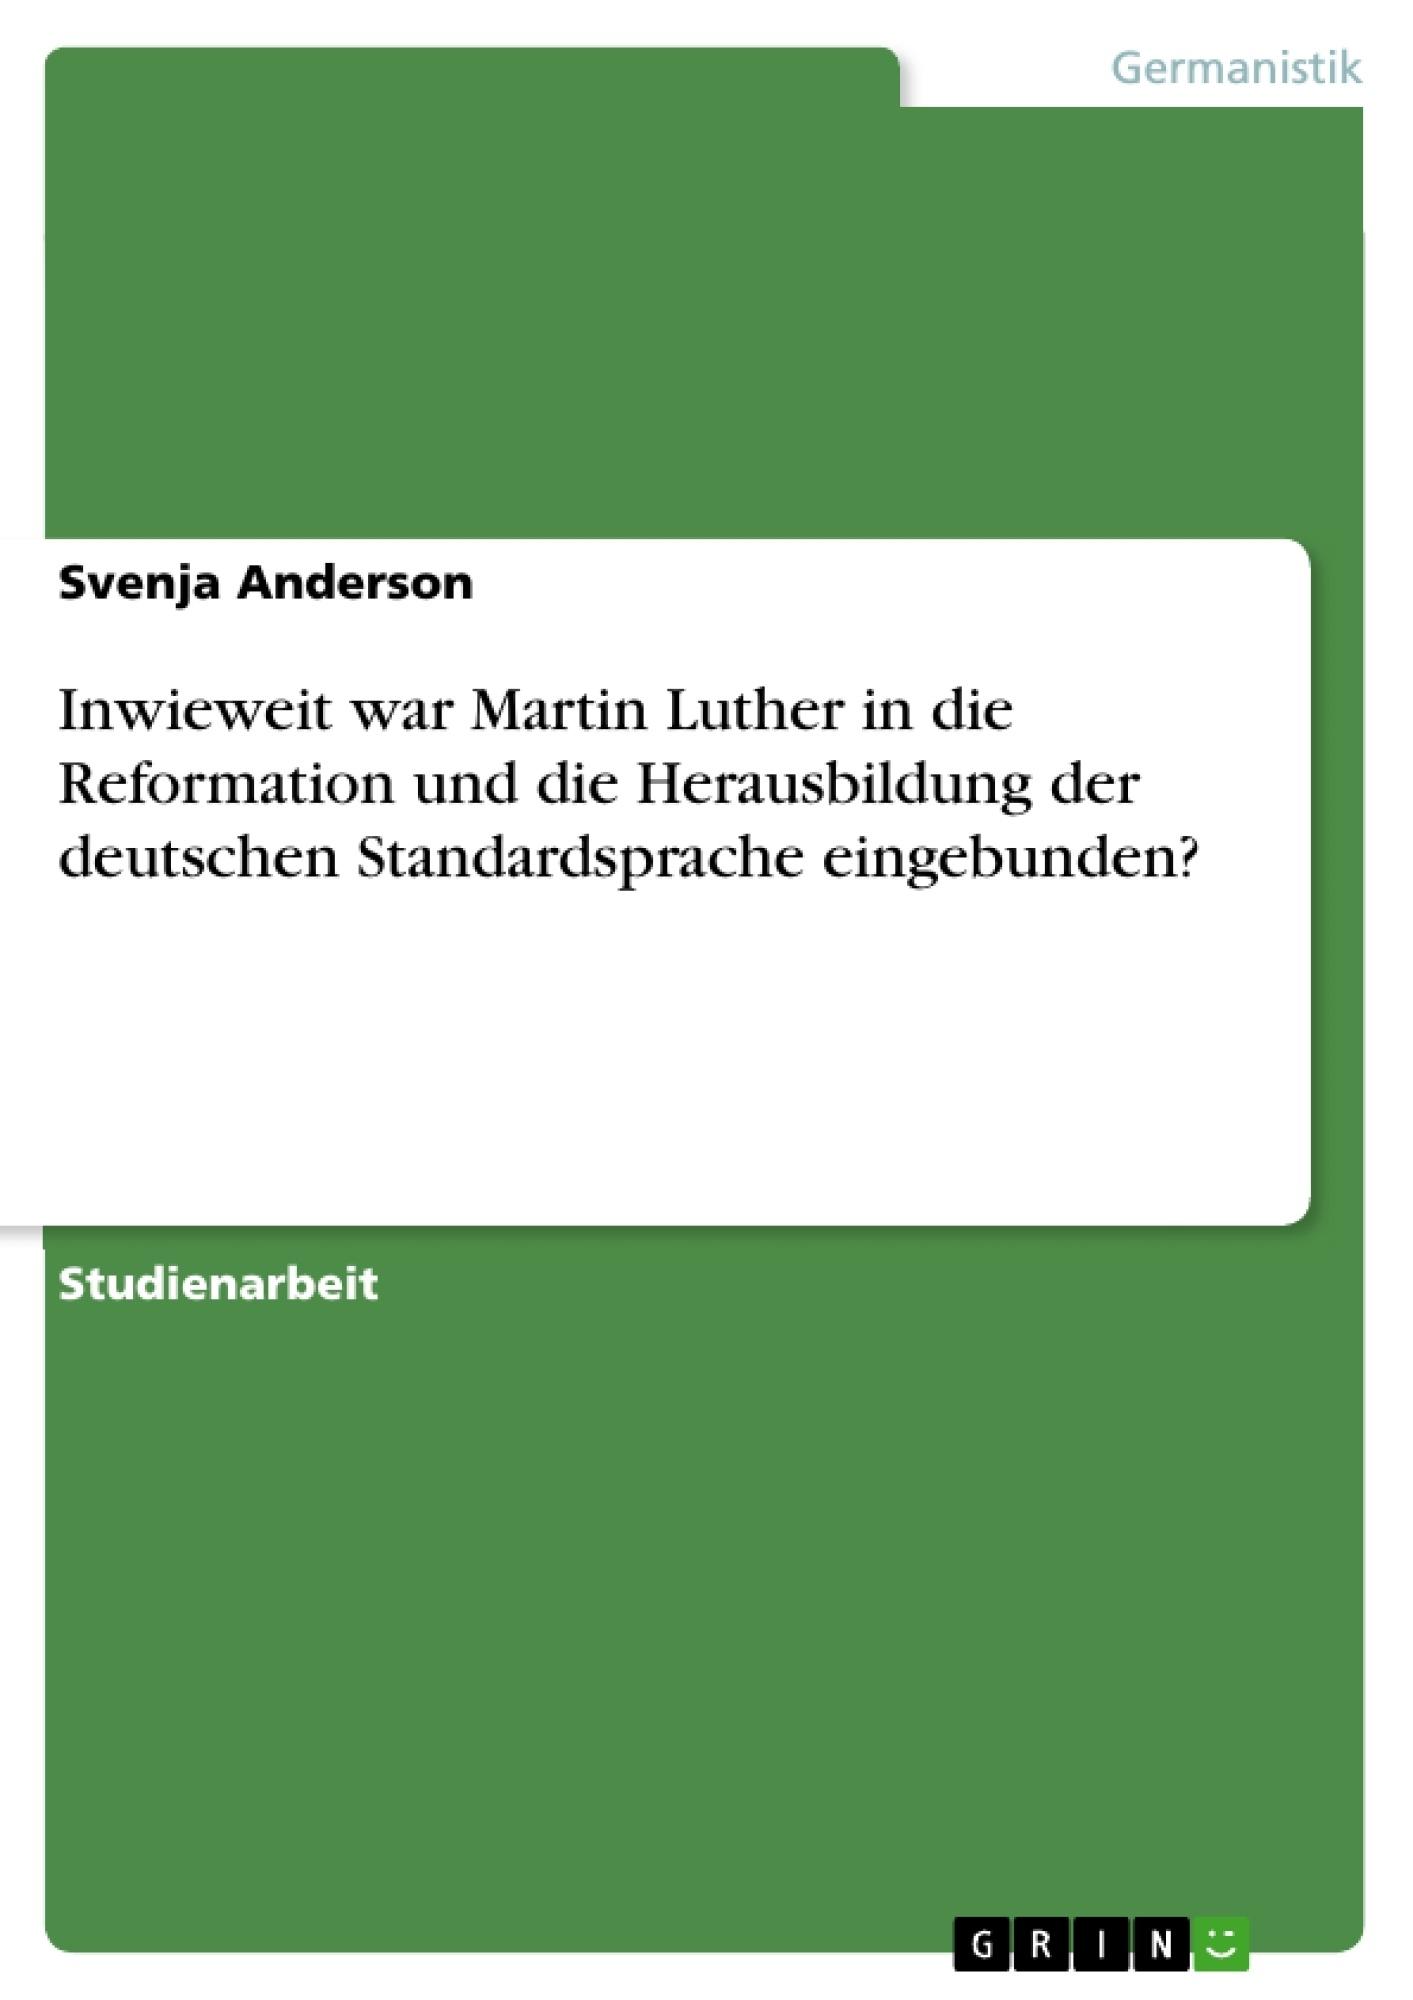 Titel: Inwieweit war Martin Luther in die Reformation und  die Herausbildung der deutschen Standardsprache  eingebunden?